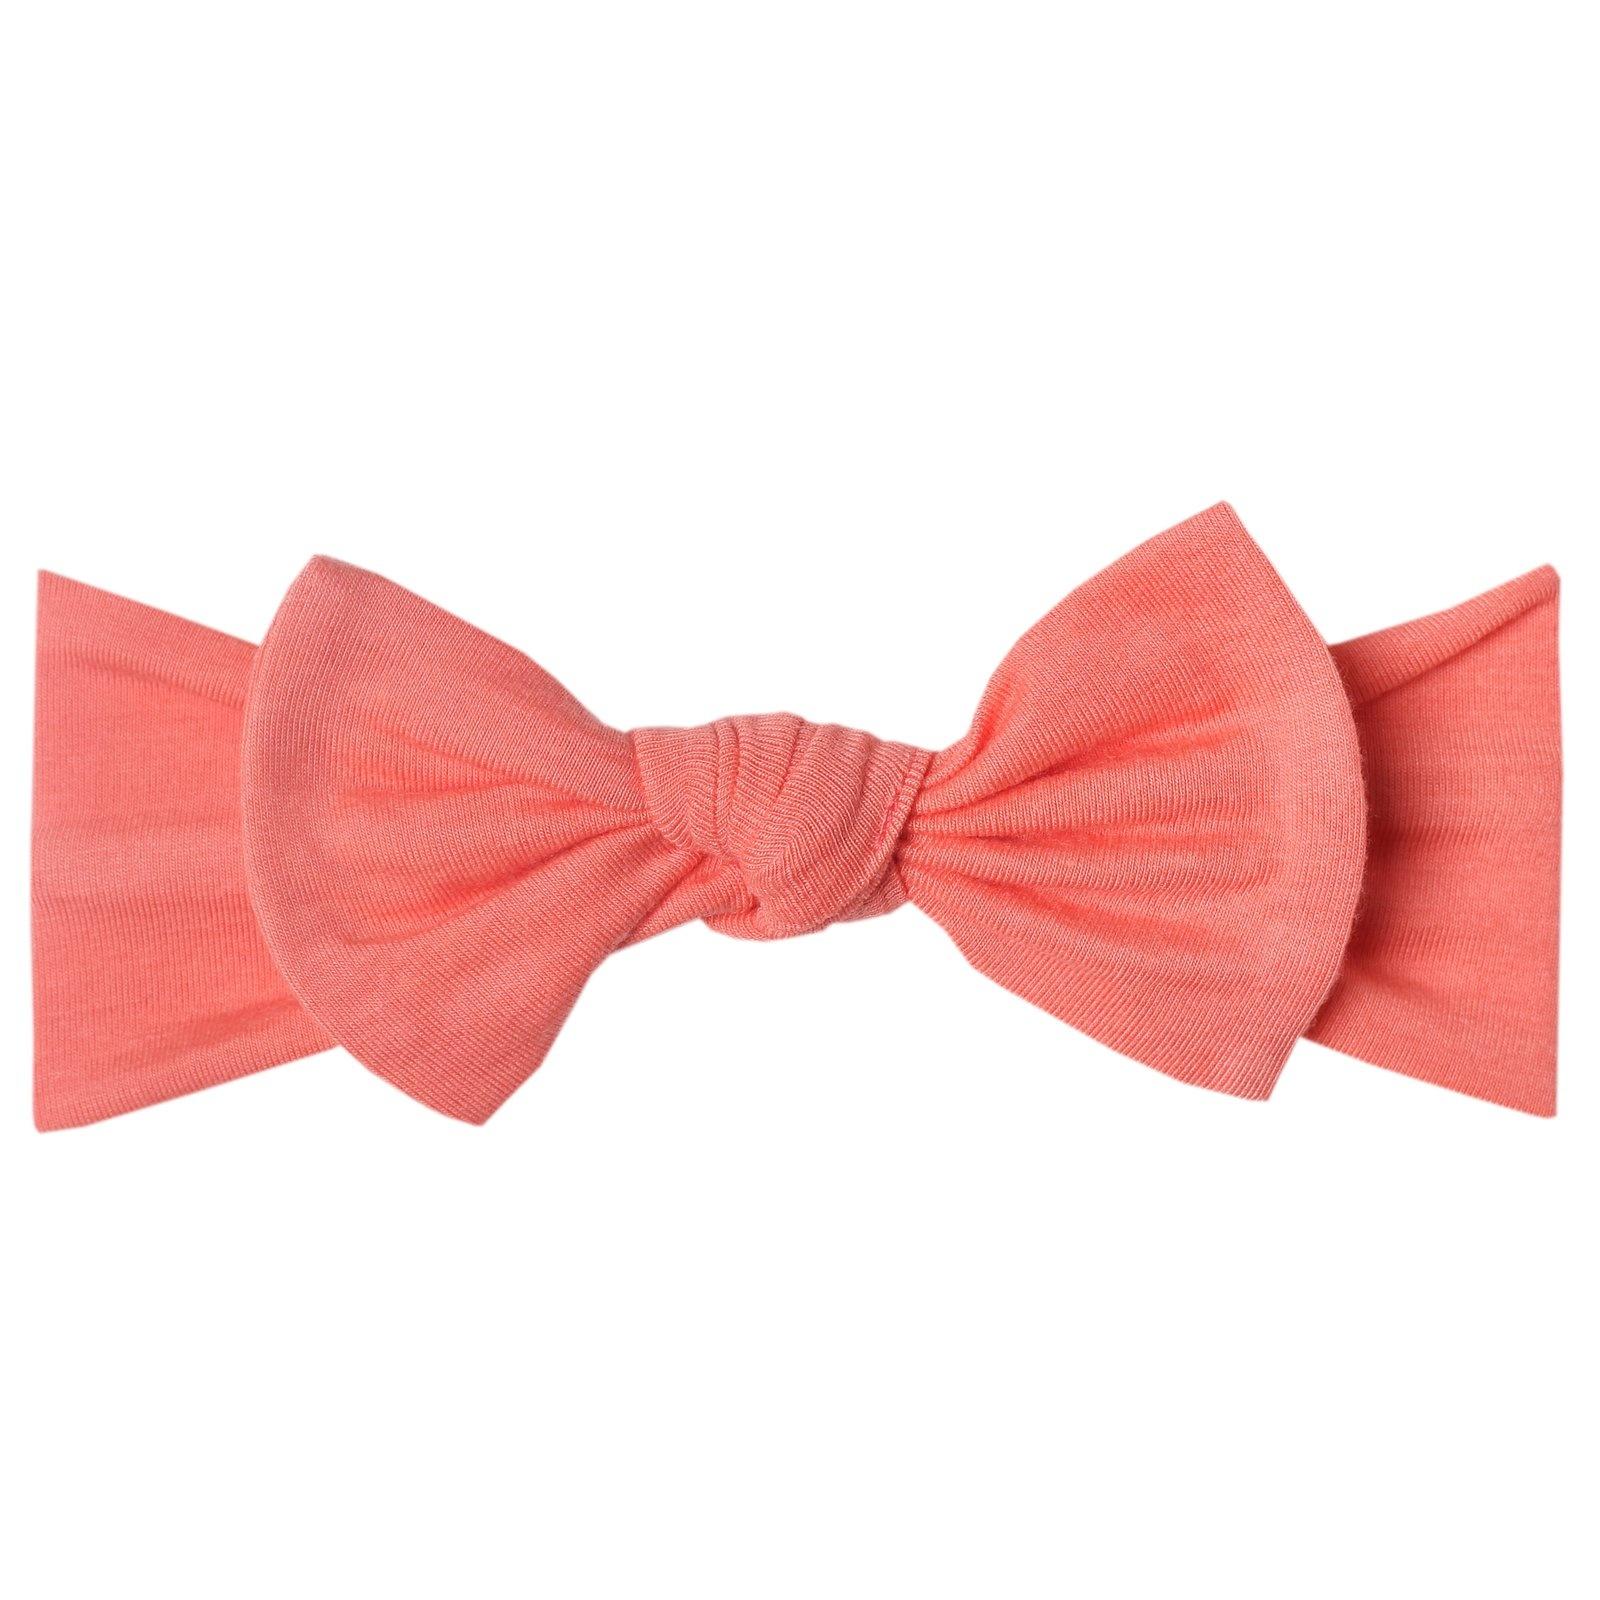 Copper Pearl Copper Pearl - Knit Headband Bow - Stella